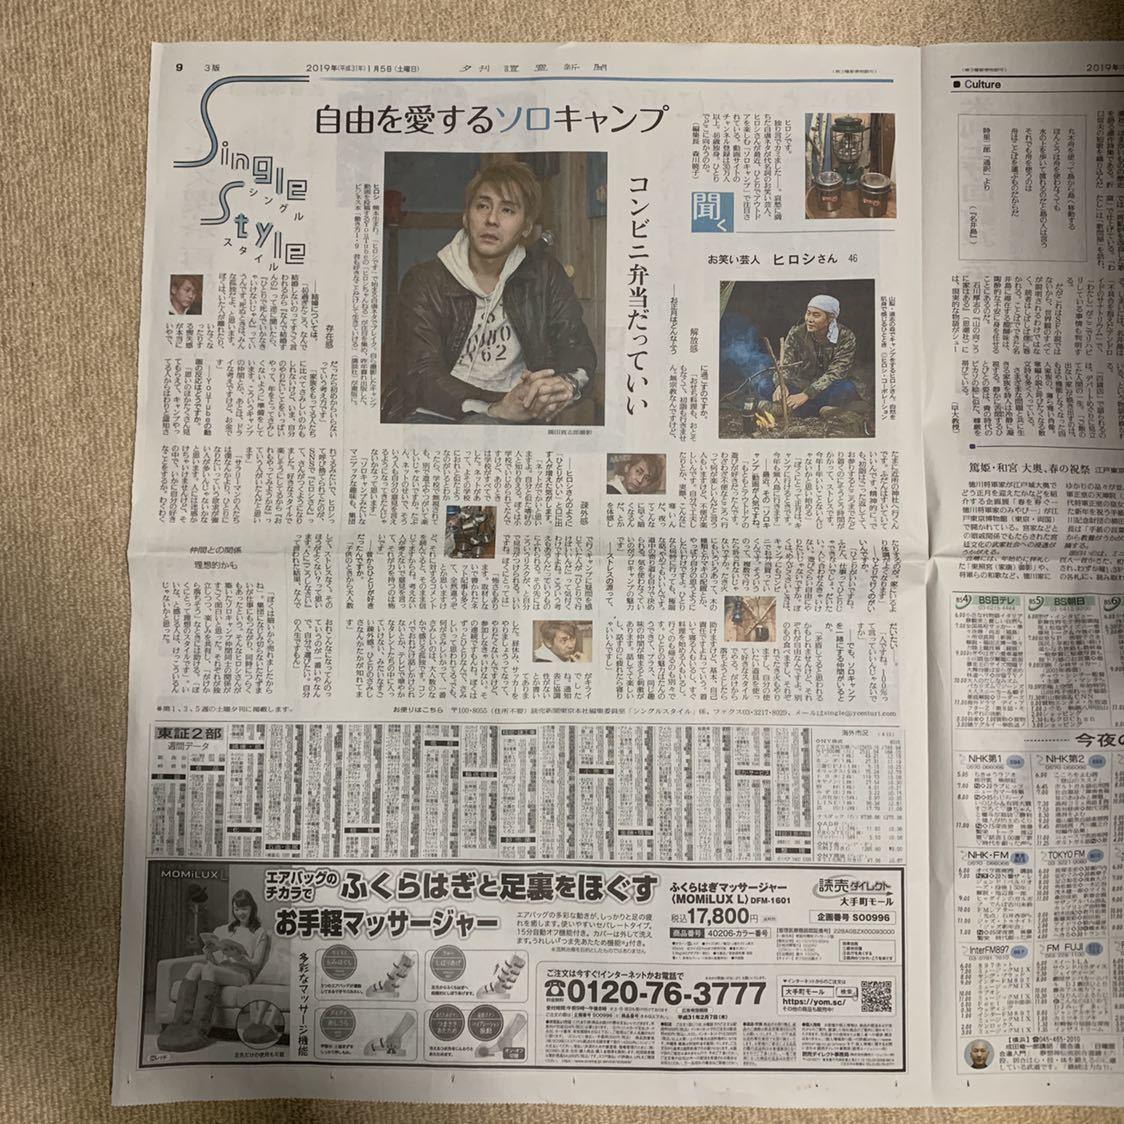 貴重!ヒロシ 読売新聞 2019年1月5日 インタビュー記事 シングルスタイル_画像1